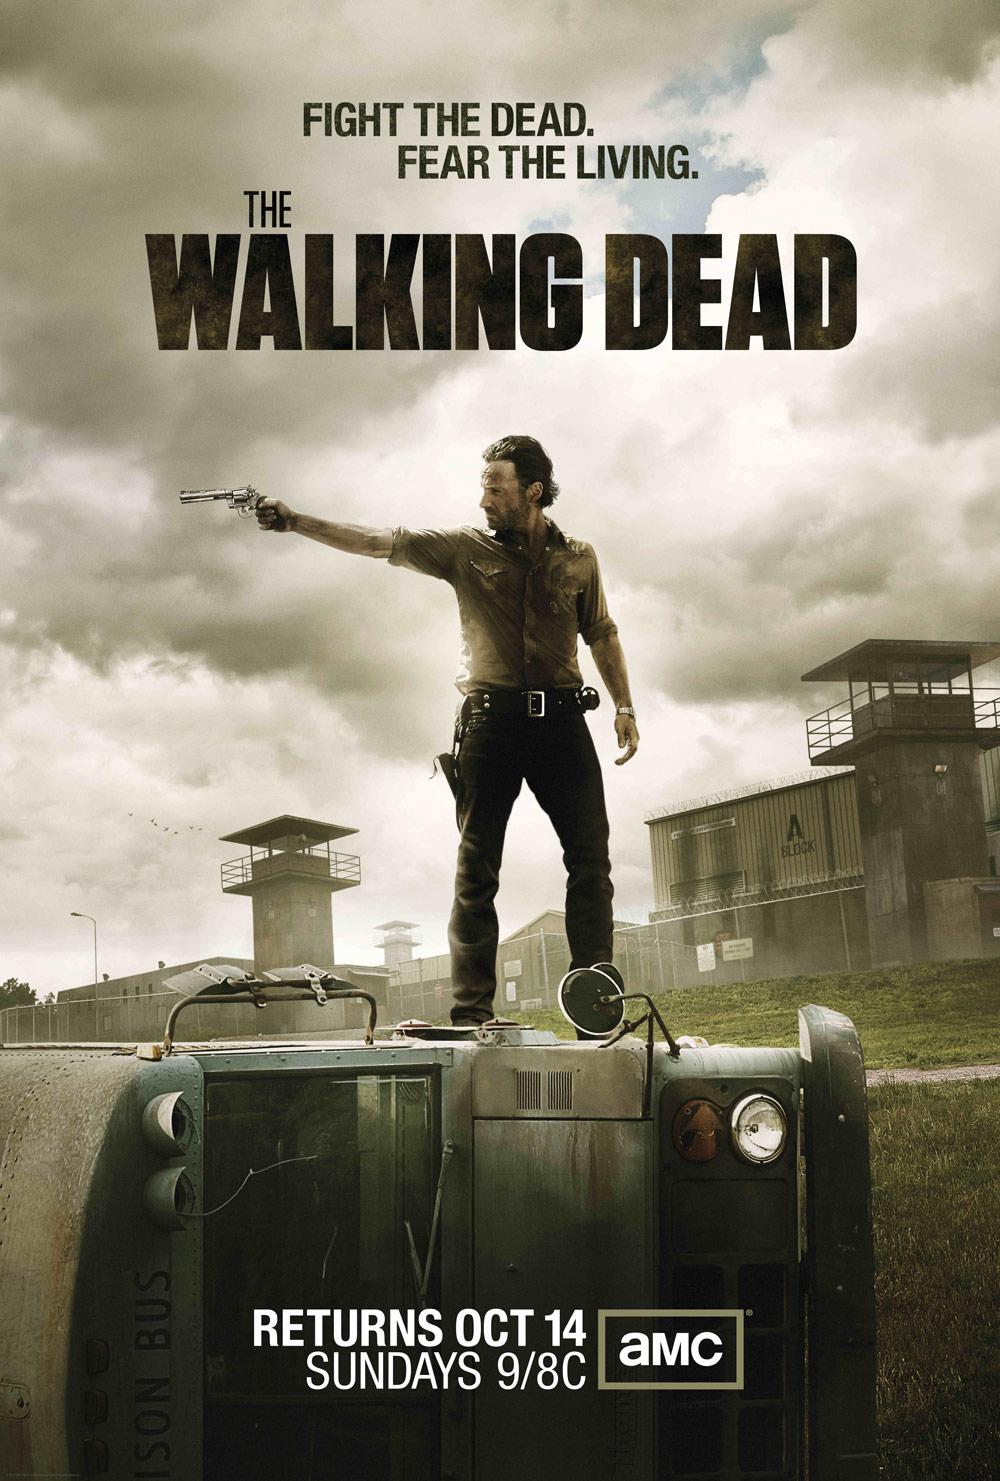 The_Walking_Dead_Season_3_poster.jpg